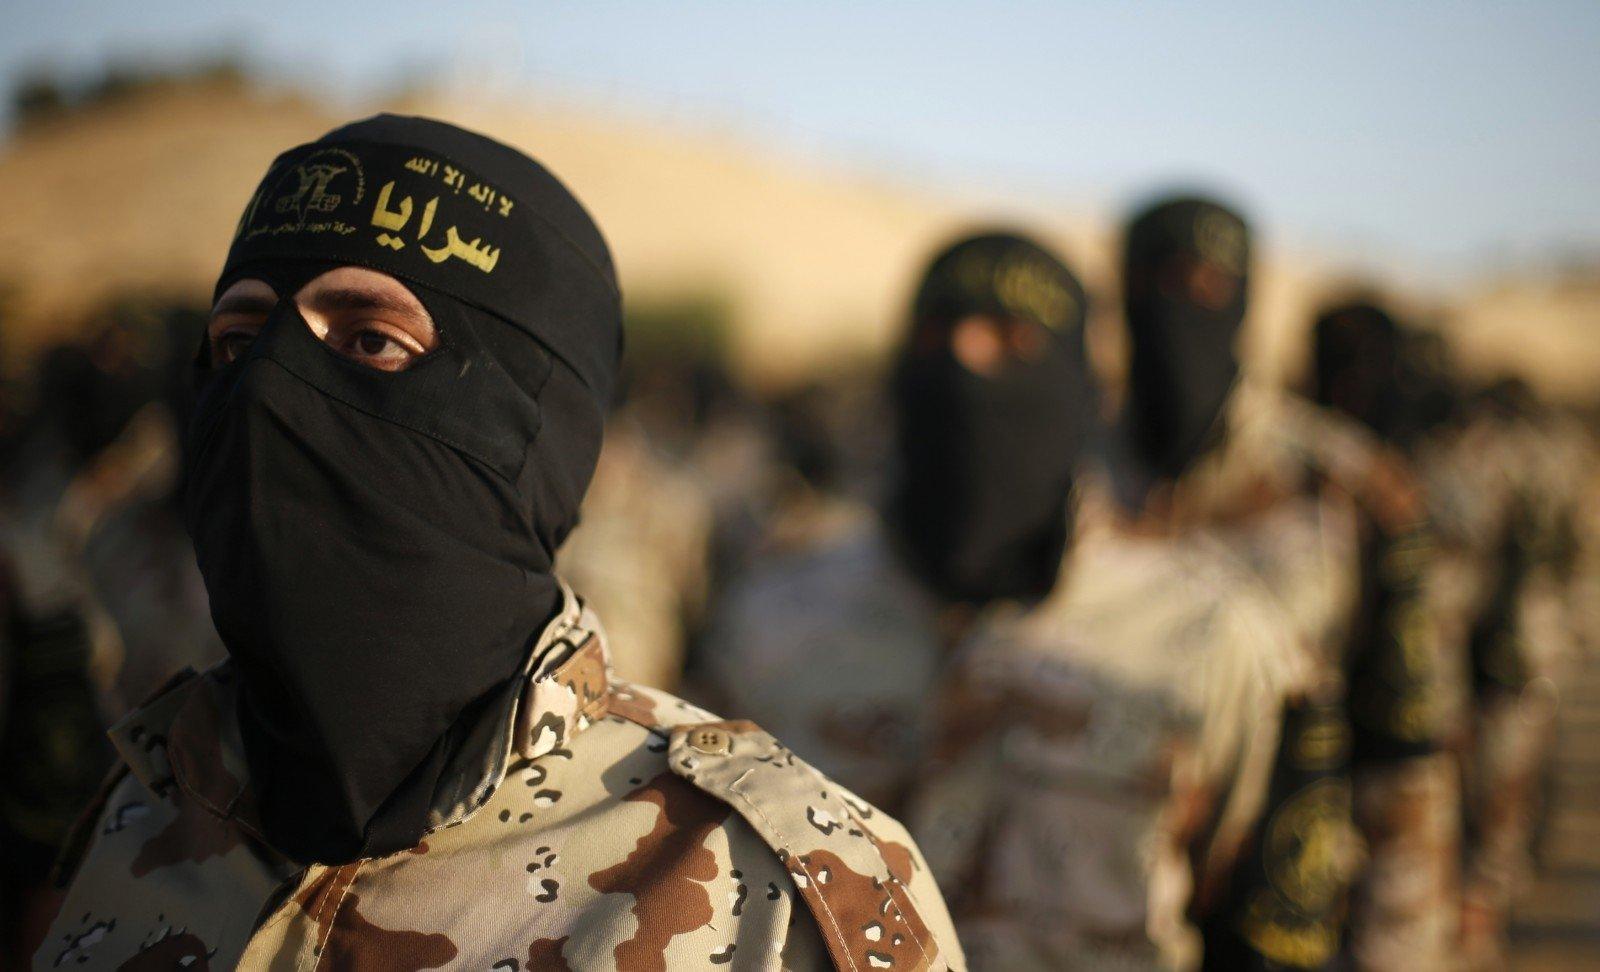 Контрразведка ФРГ: В германской армии выявили неменее 20 исламистов